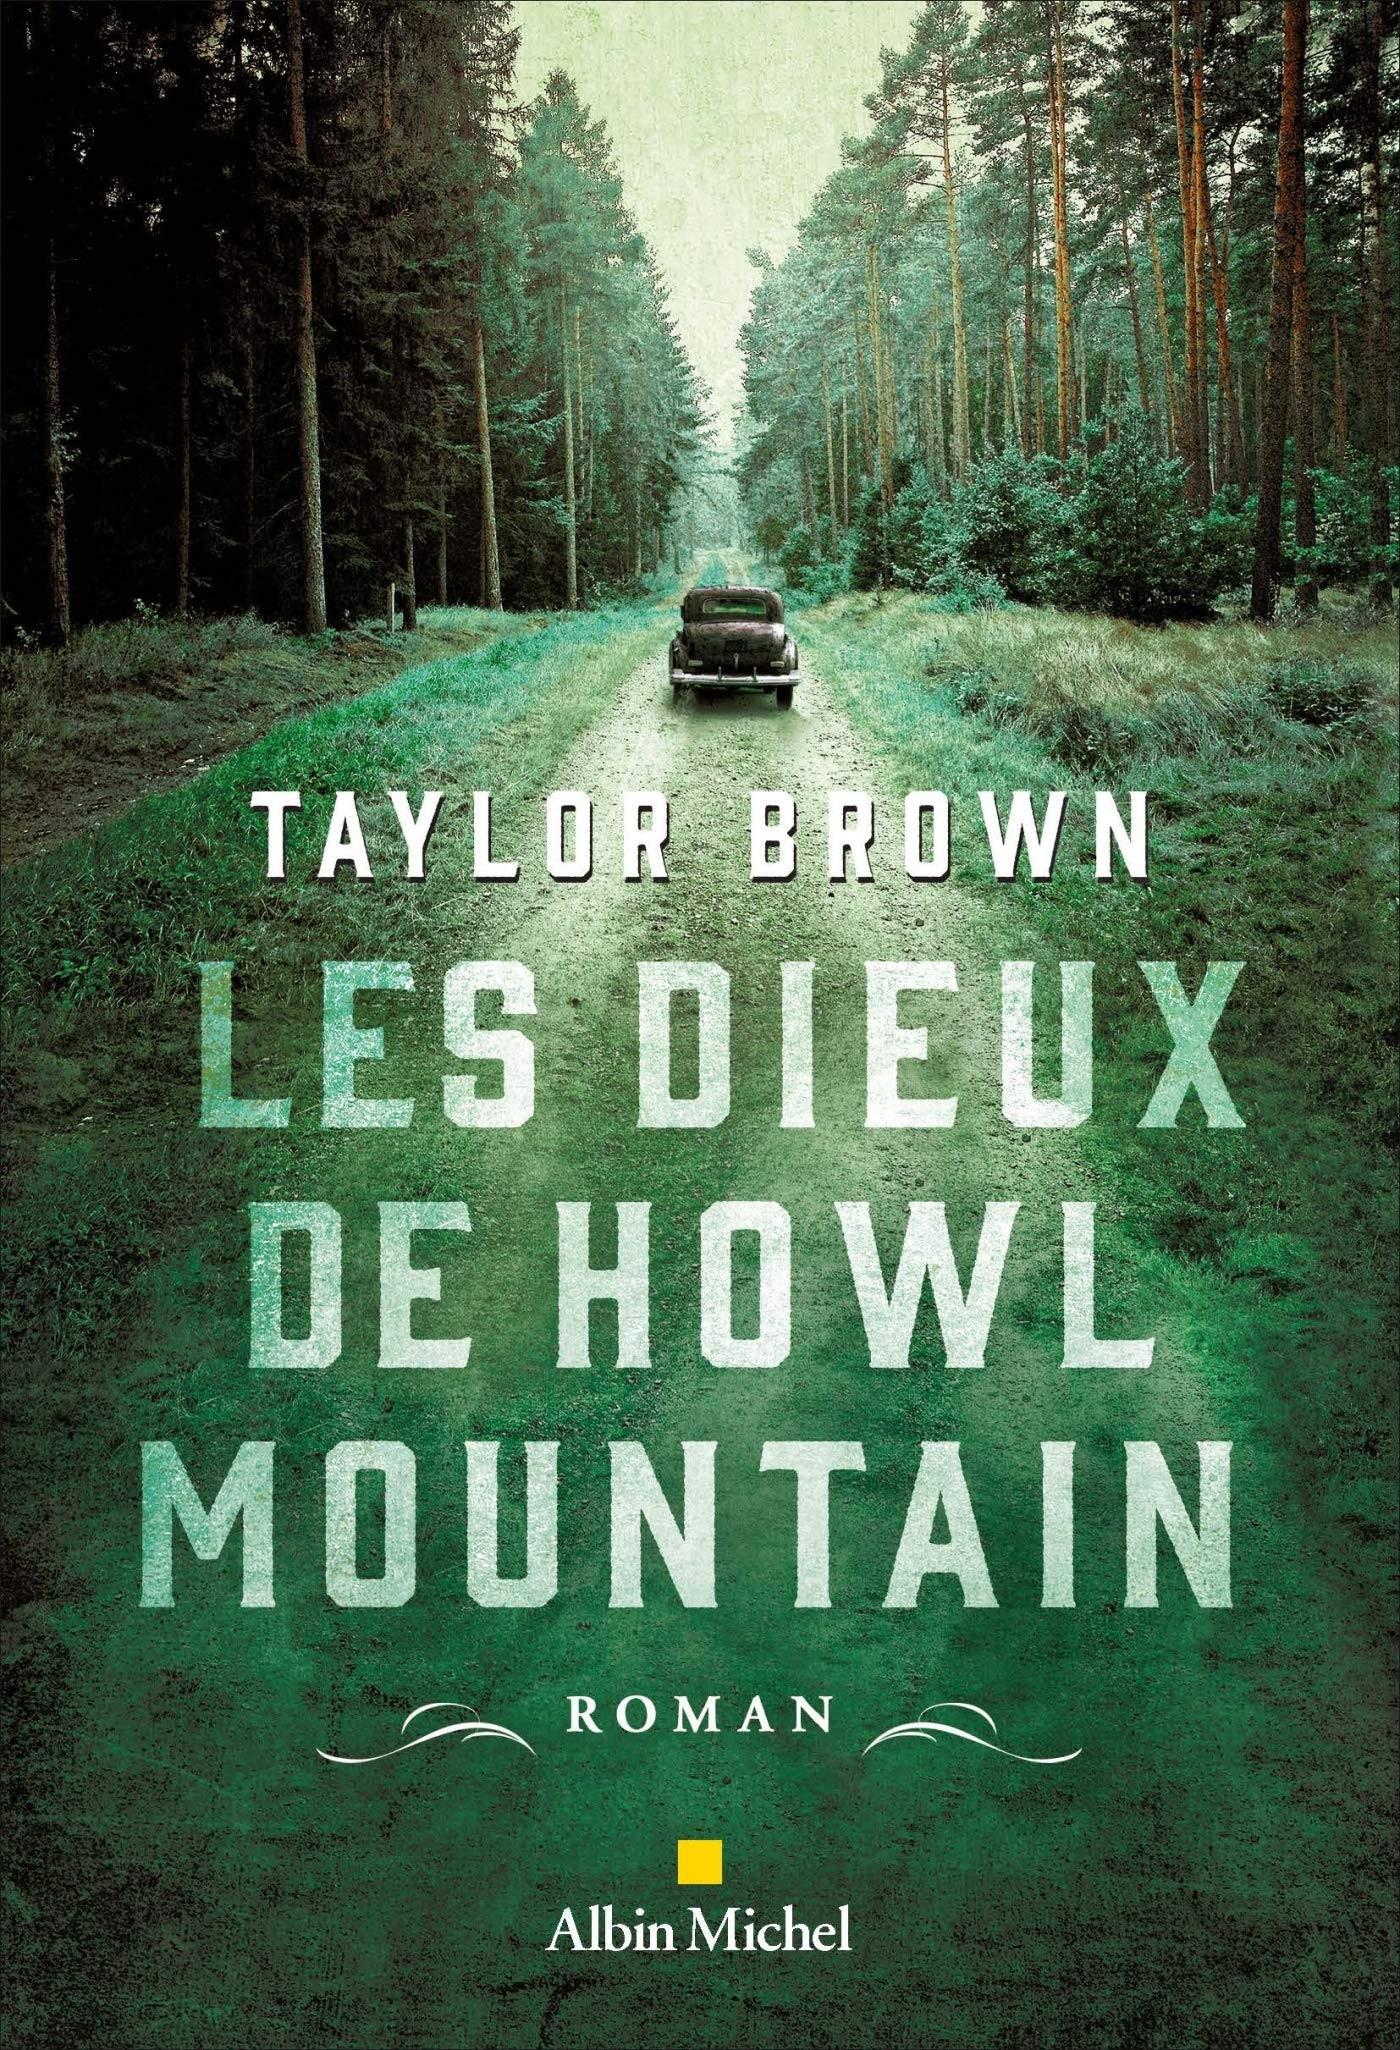 Les dieux de Howl mountain - Taylor BROWN chronique dora suarez